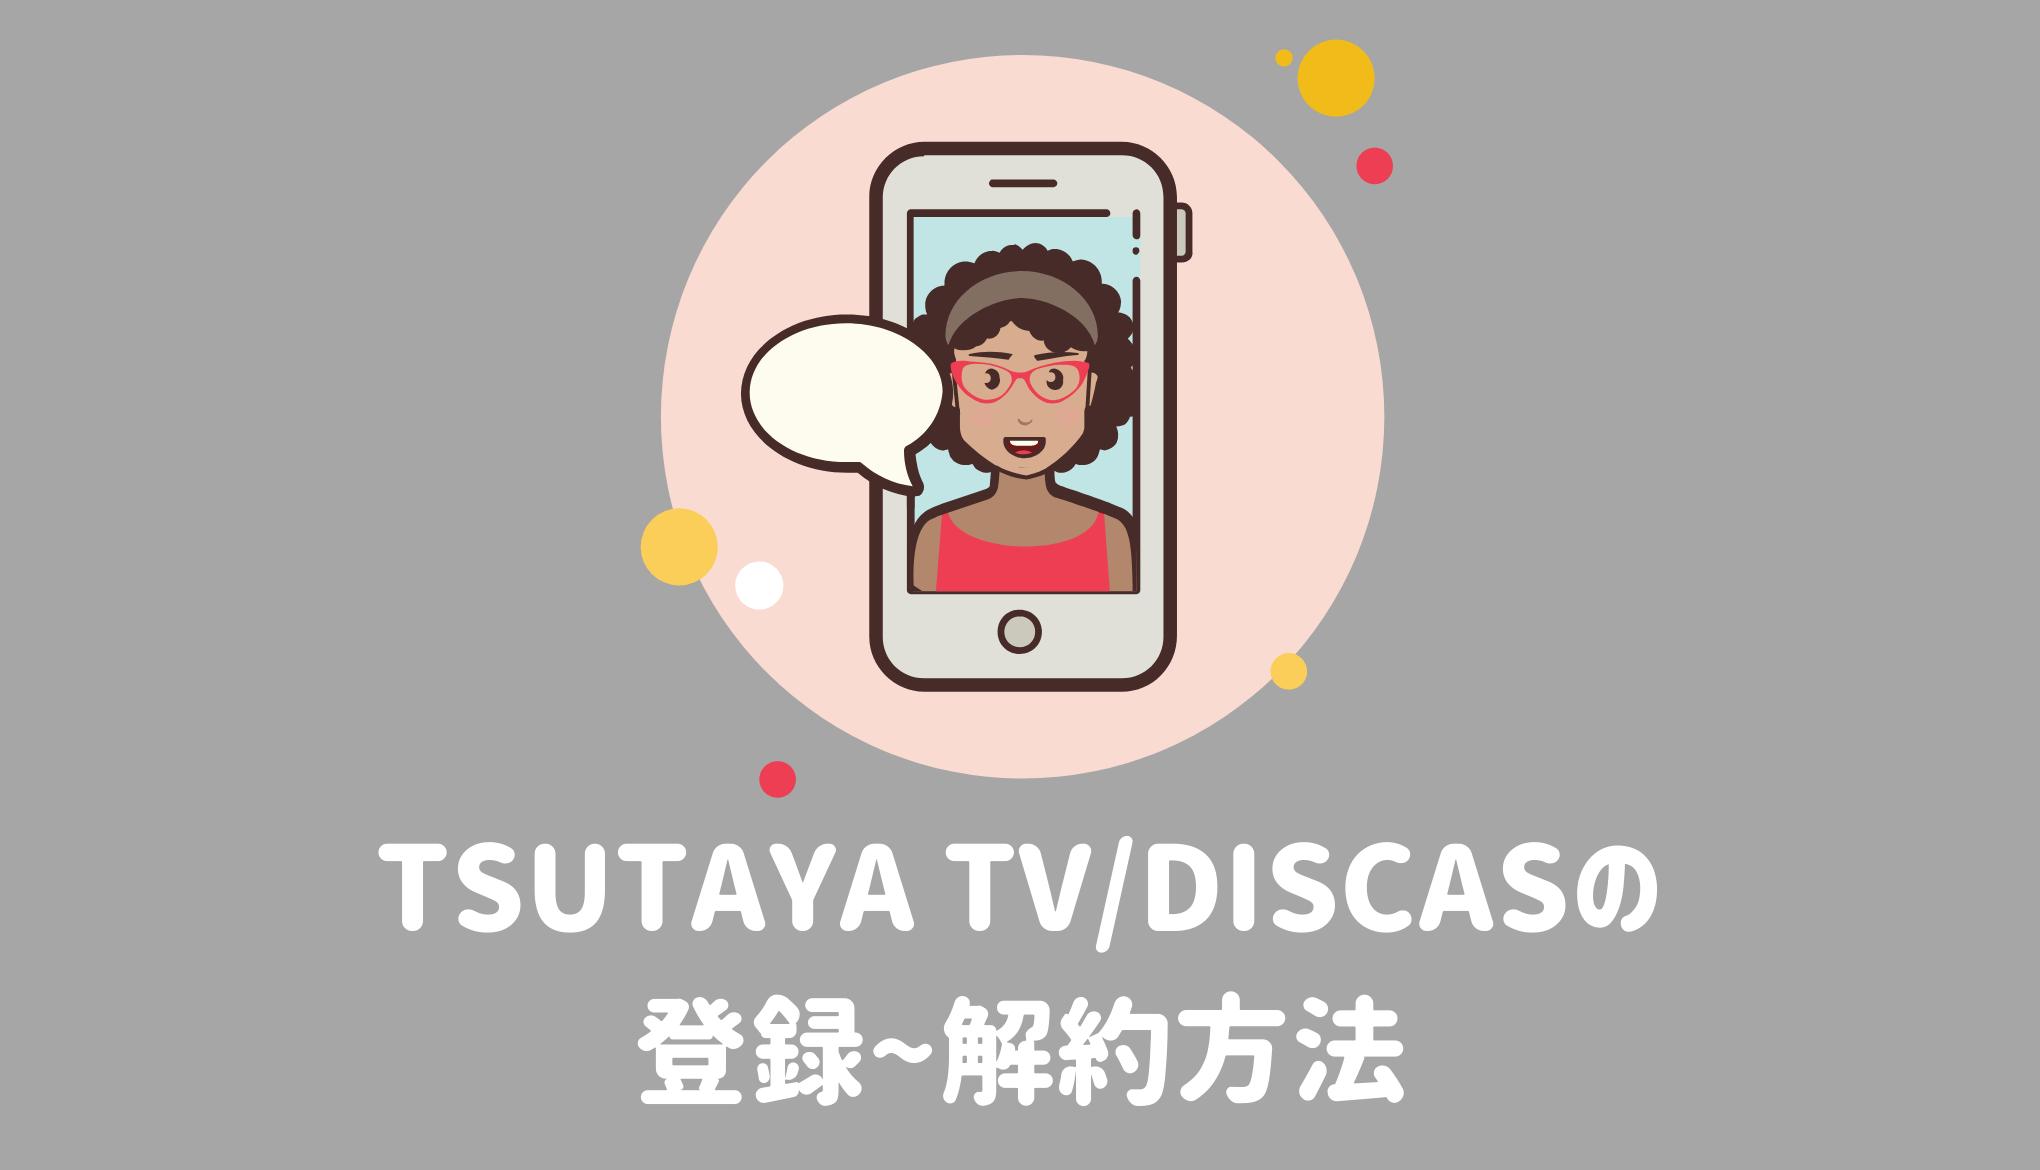 TSUTAYA TVとTSUTAYA DISCASの無料体験の登録方法と解約方法